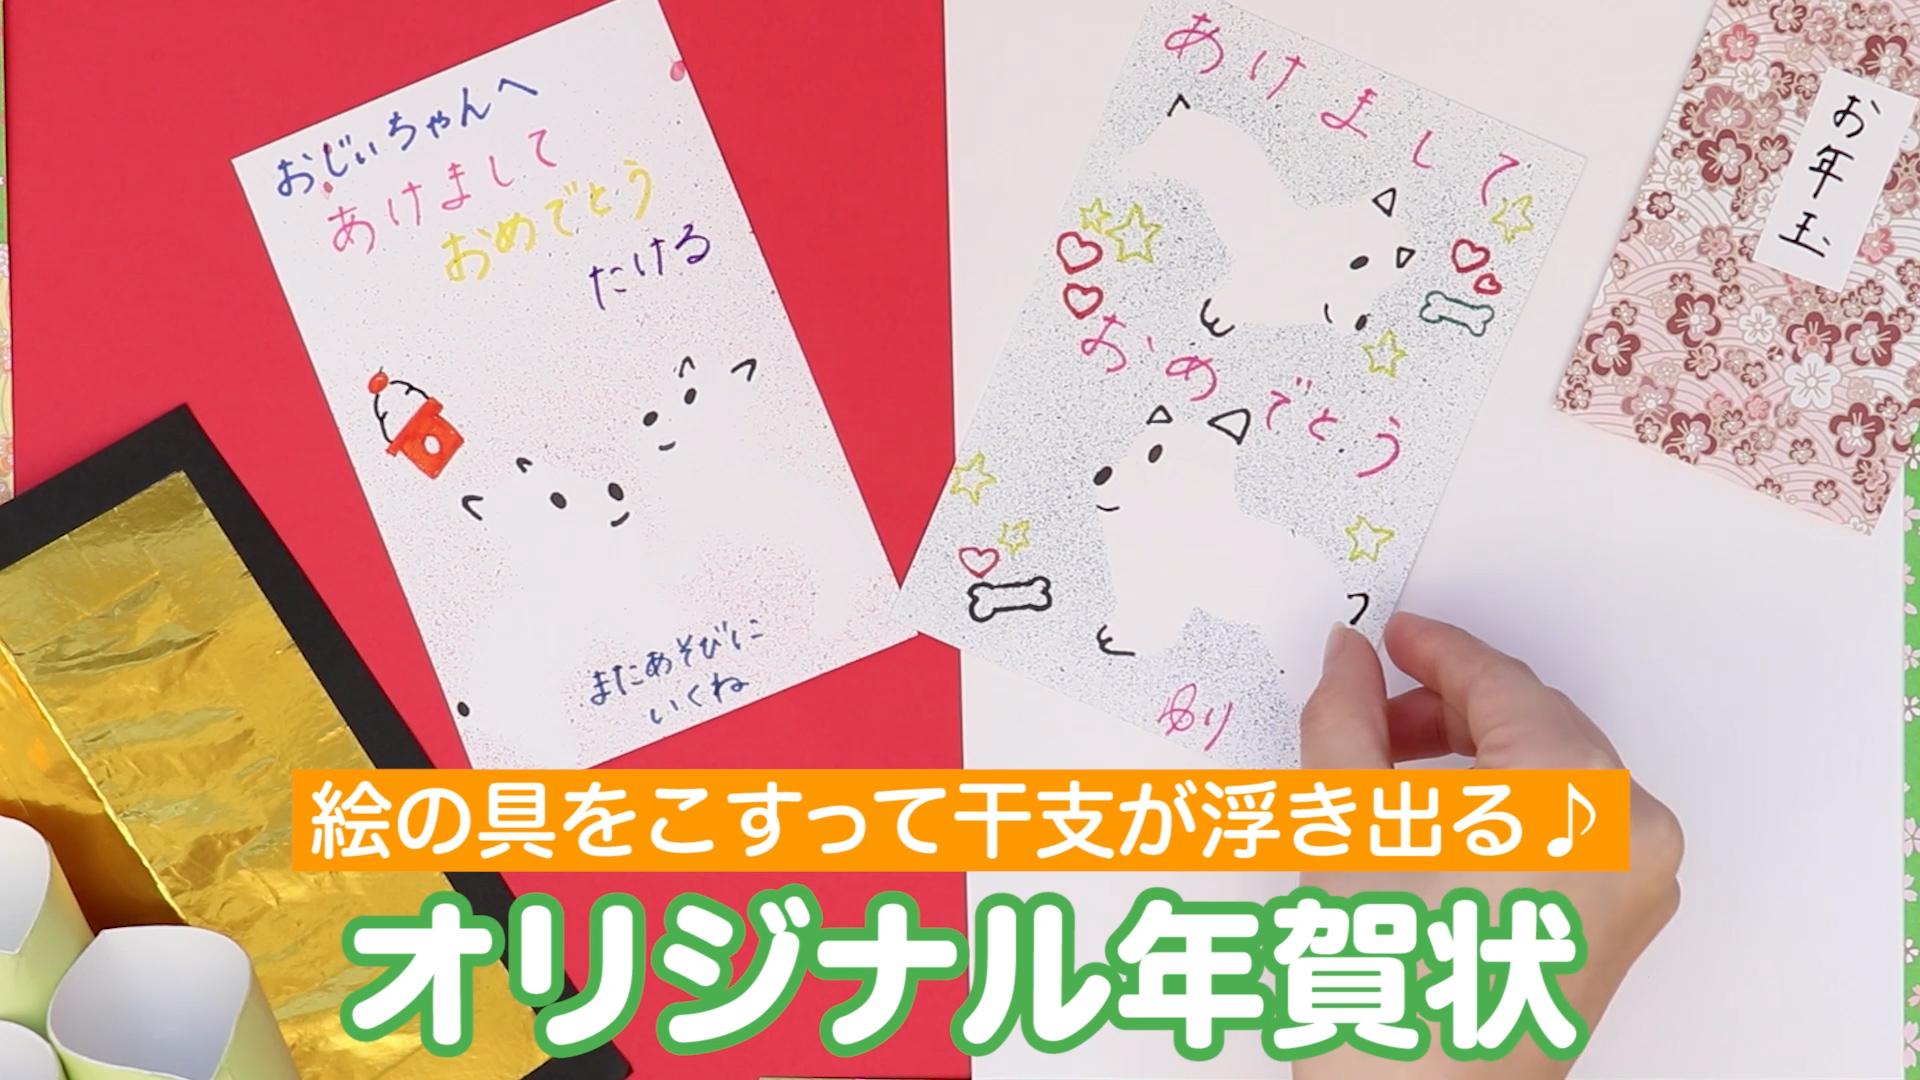 【動画】絵の具をこすって干支が浮き出る♪ オリジナル年賀状